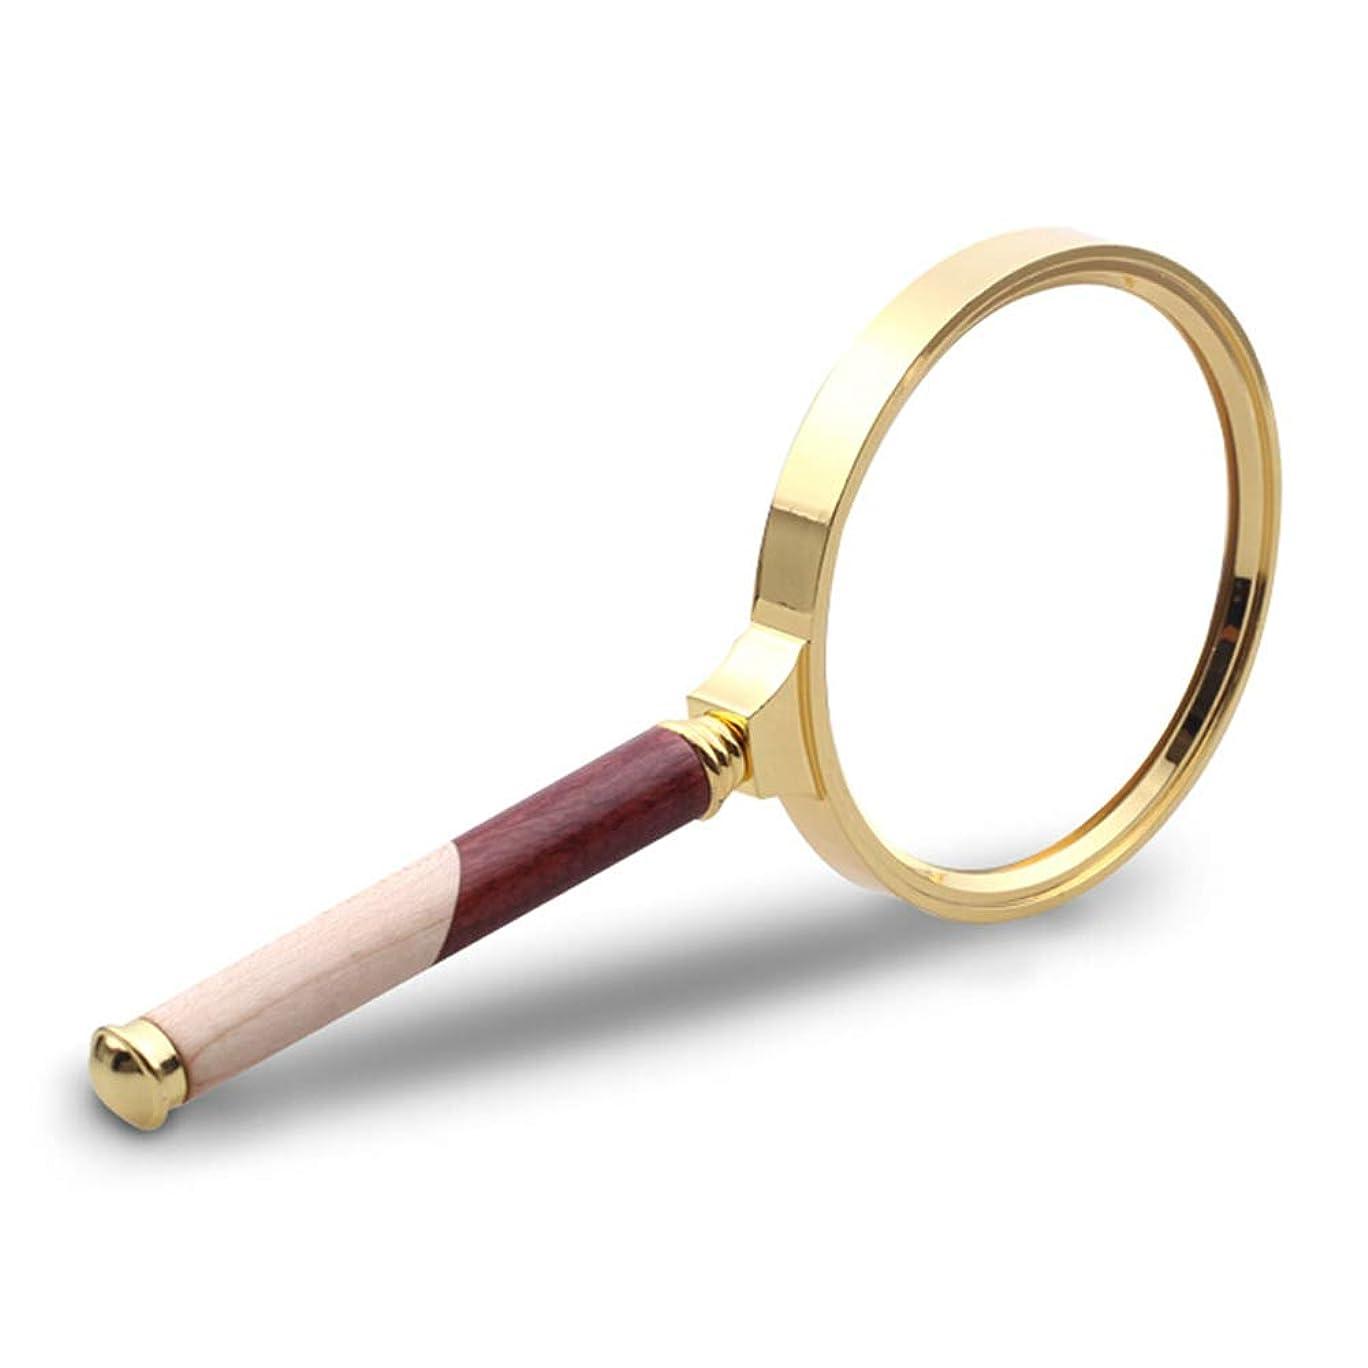 首尾一貫した器用北へ読書のための木のハンドルが付いている古典的な拡大鏡6×手持ち型の金の光学ガラスレンズ